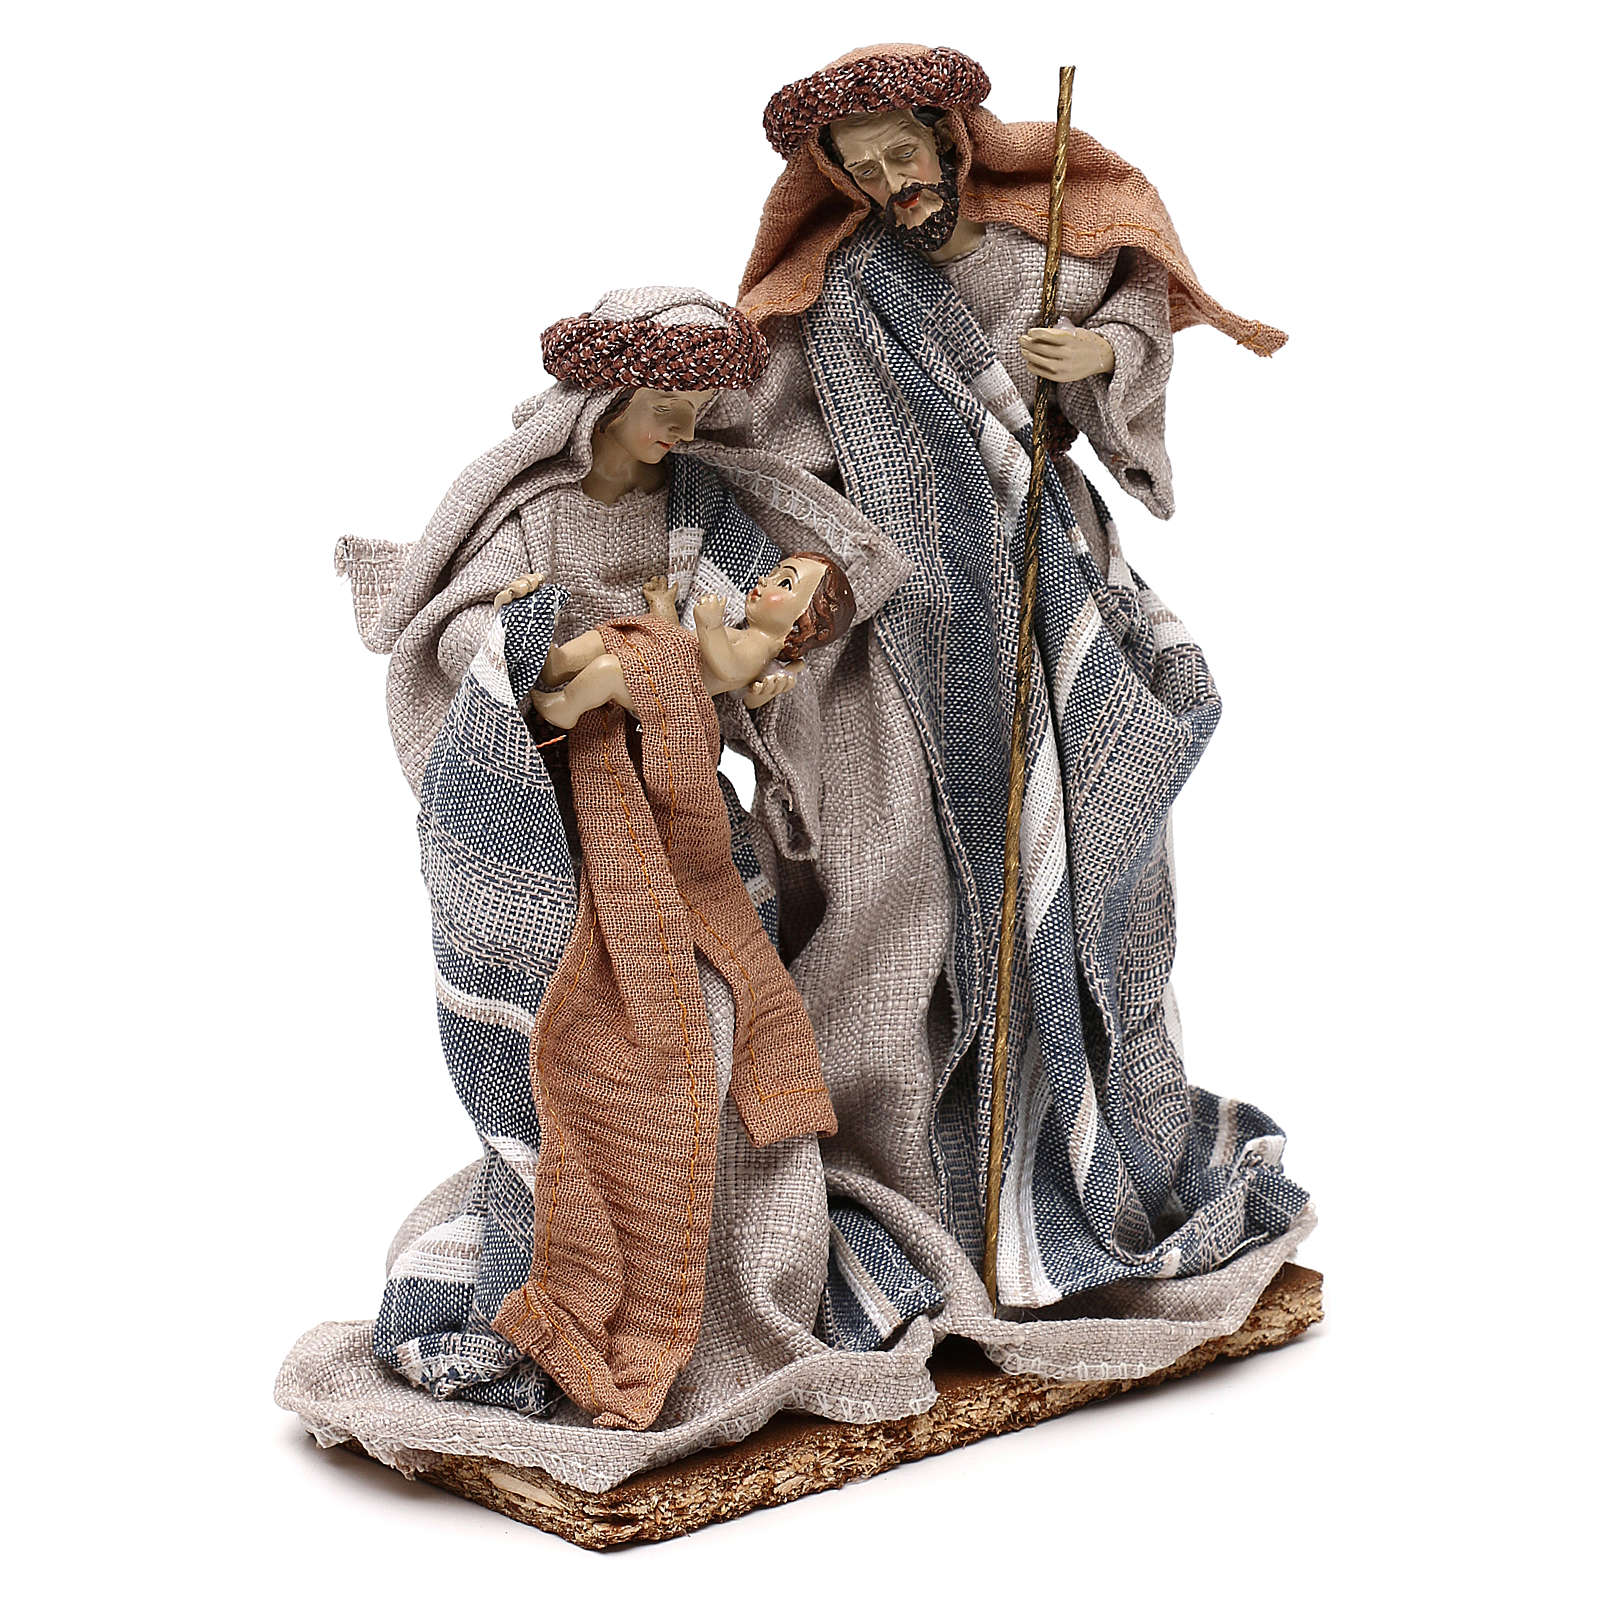 Nativité vêtements en tissu bleus et beige 21 cm 3